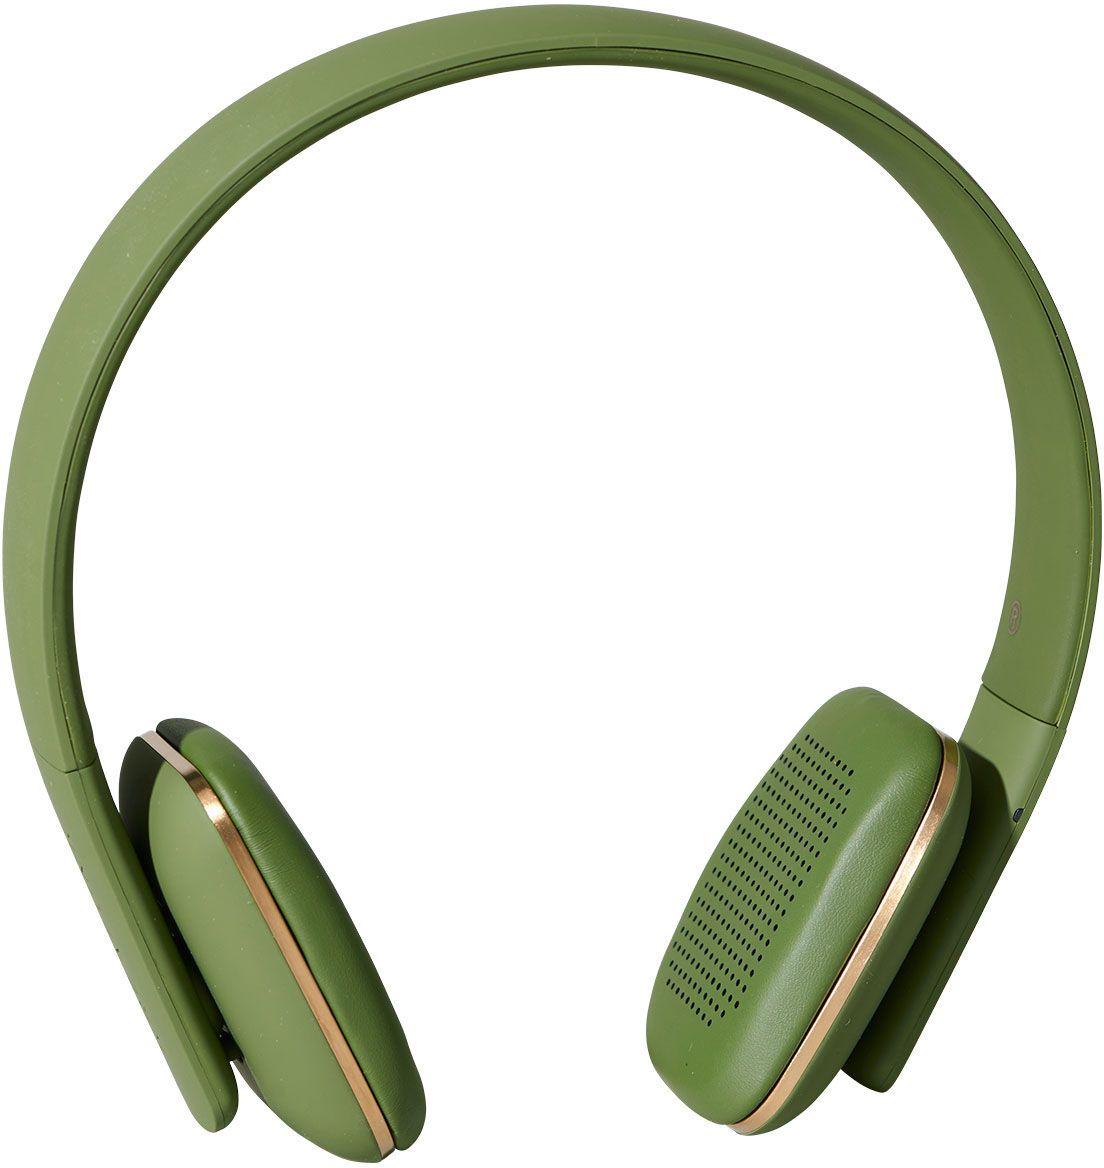 Kreafunk aHEAD, Army наушникиKfss08Kreafunk aHEAD – беспроводные наушники, созданные для настоящих меломанов и модников. Это не только полезный гаджет, но и стильный аксессуар, который дополнит имидж и подчеркнет индивидуальность. Наушники оснащены Bluetooth-гарнитурой и совместимы с любым смартфоном. Панель управления находится на одном из наушников, что позволяет легко регулировать музыку, уровень громкости или даже принимать телефонные звонки. Подушки наушников выполнены из мягкой эко-кожи, а настраиваемый ободок имеет приятное покрытие soft touch. Великолепное качество звука, простота эксплуатации и лаконичный дизайн – этим гаджетом захочется пользоваться изо дня в день. В комплекте фирменный мешочек из PU кожи. Поставляются в стильной деревянной упаковке, поэтому могут стать отличным подарком меломанам и всем поклонникам скандинавского дизайна. Также коробку украшают слова Фридриха Ницше: Без музыки жизнь была бы ошибкой.